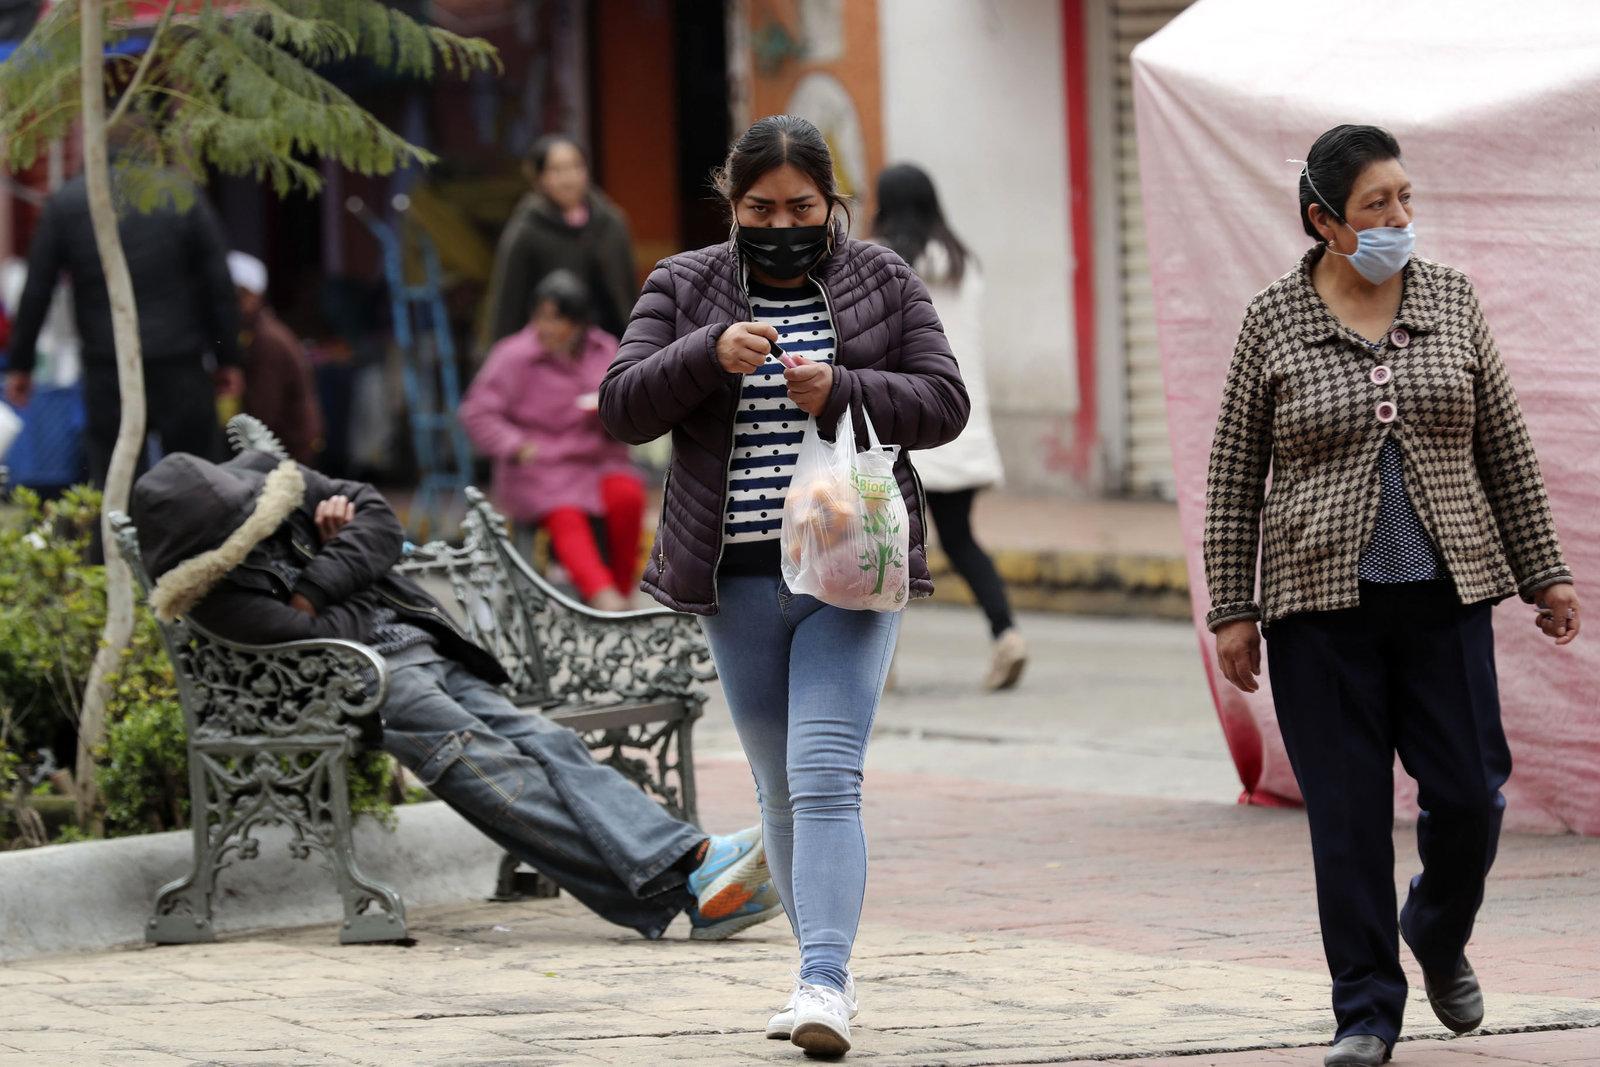 Suman 68,484 los decesos registrados por COVID-19 en México